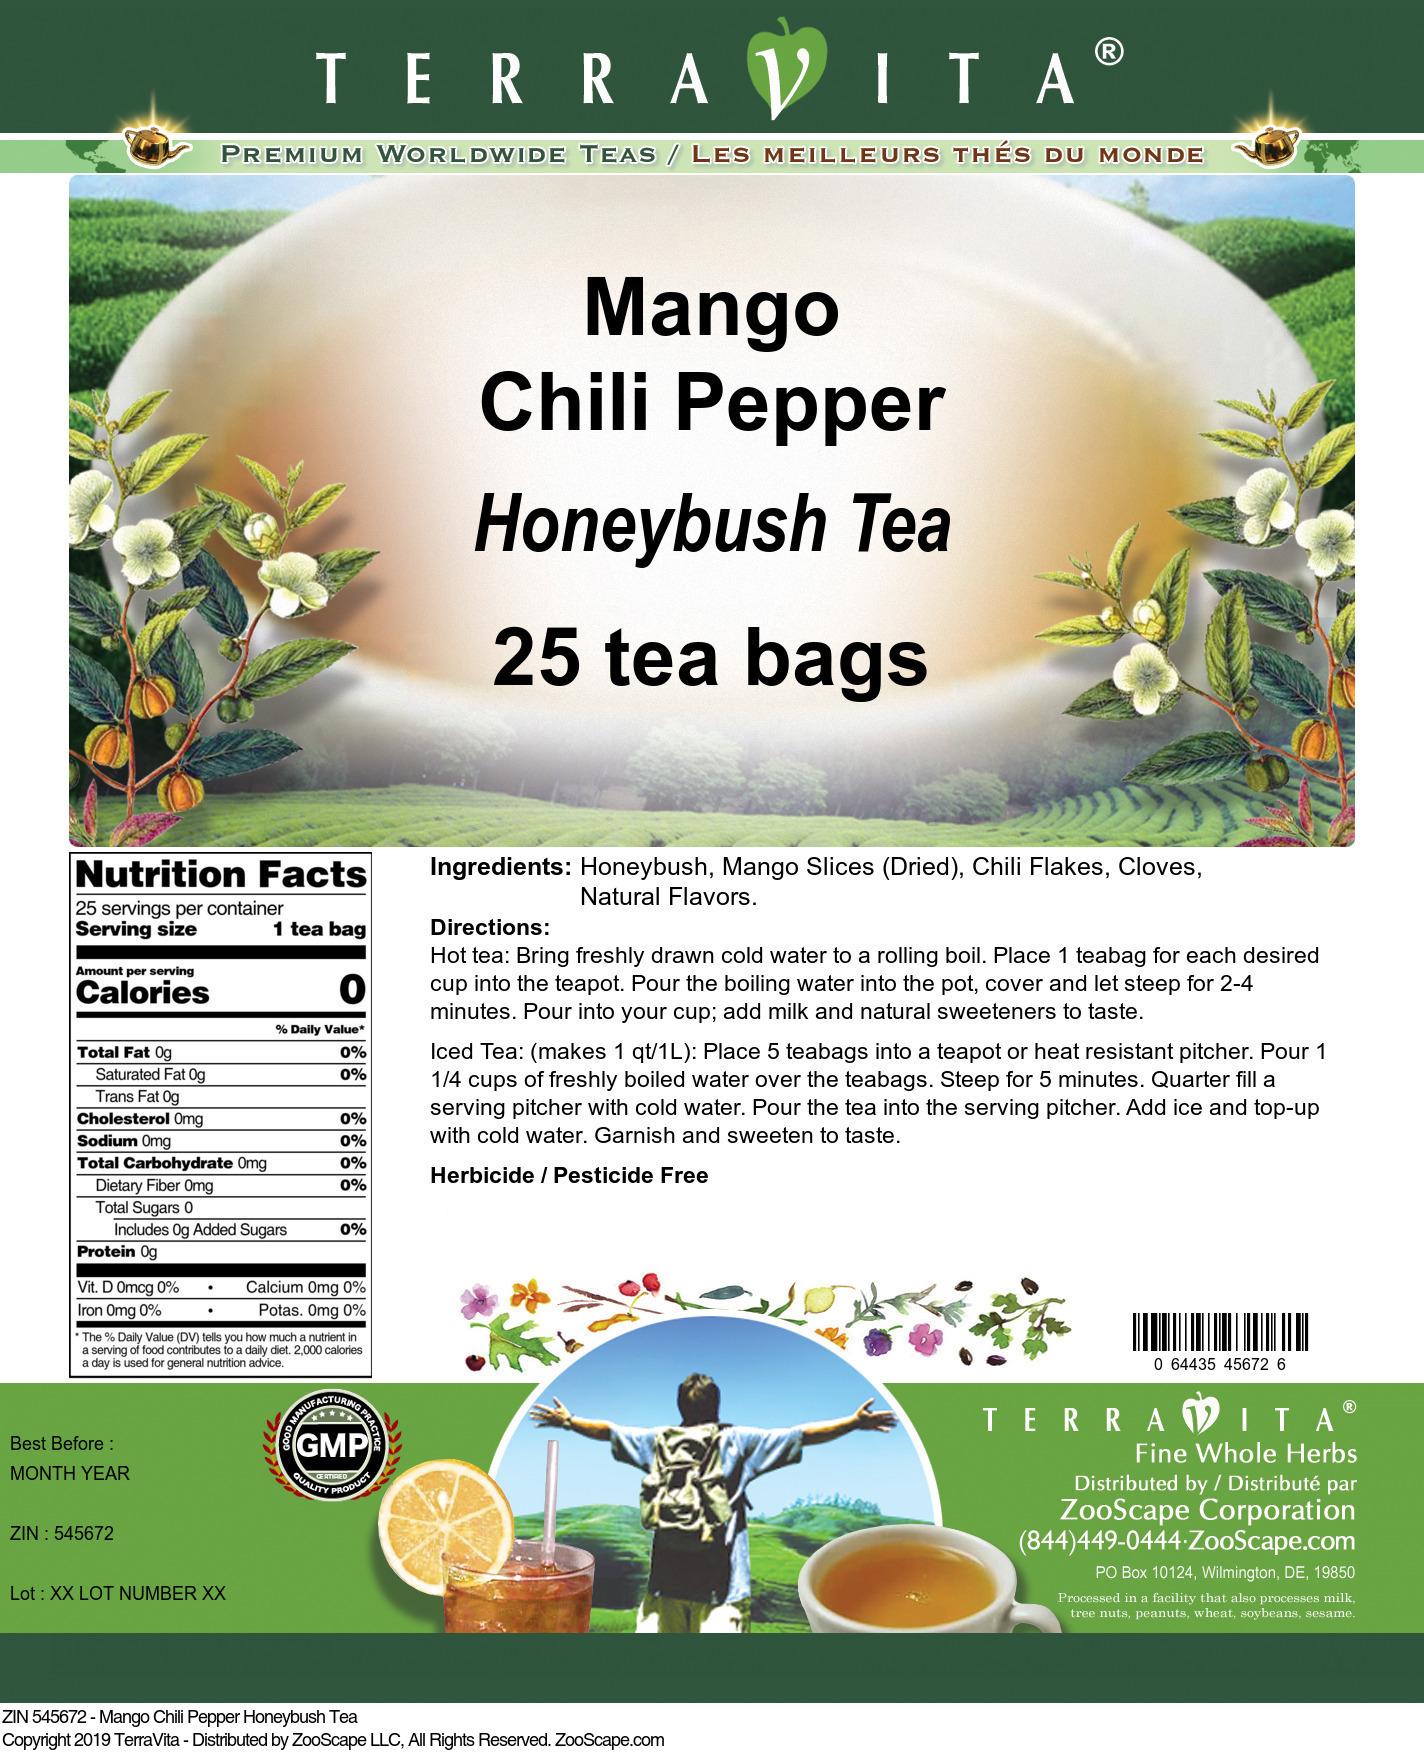 Mango Chili Pepper Honeybush Tea